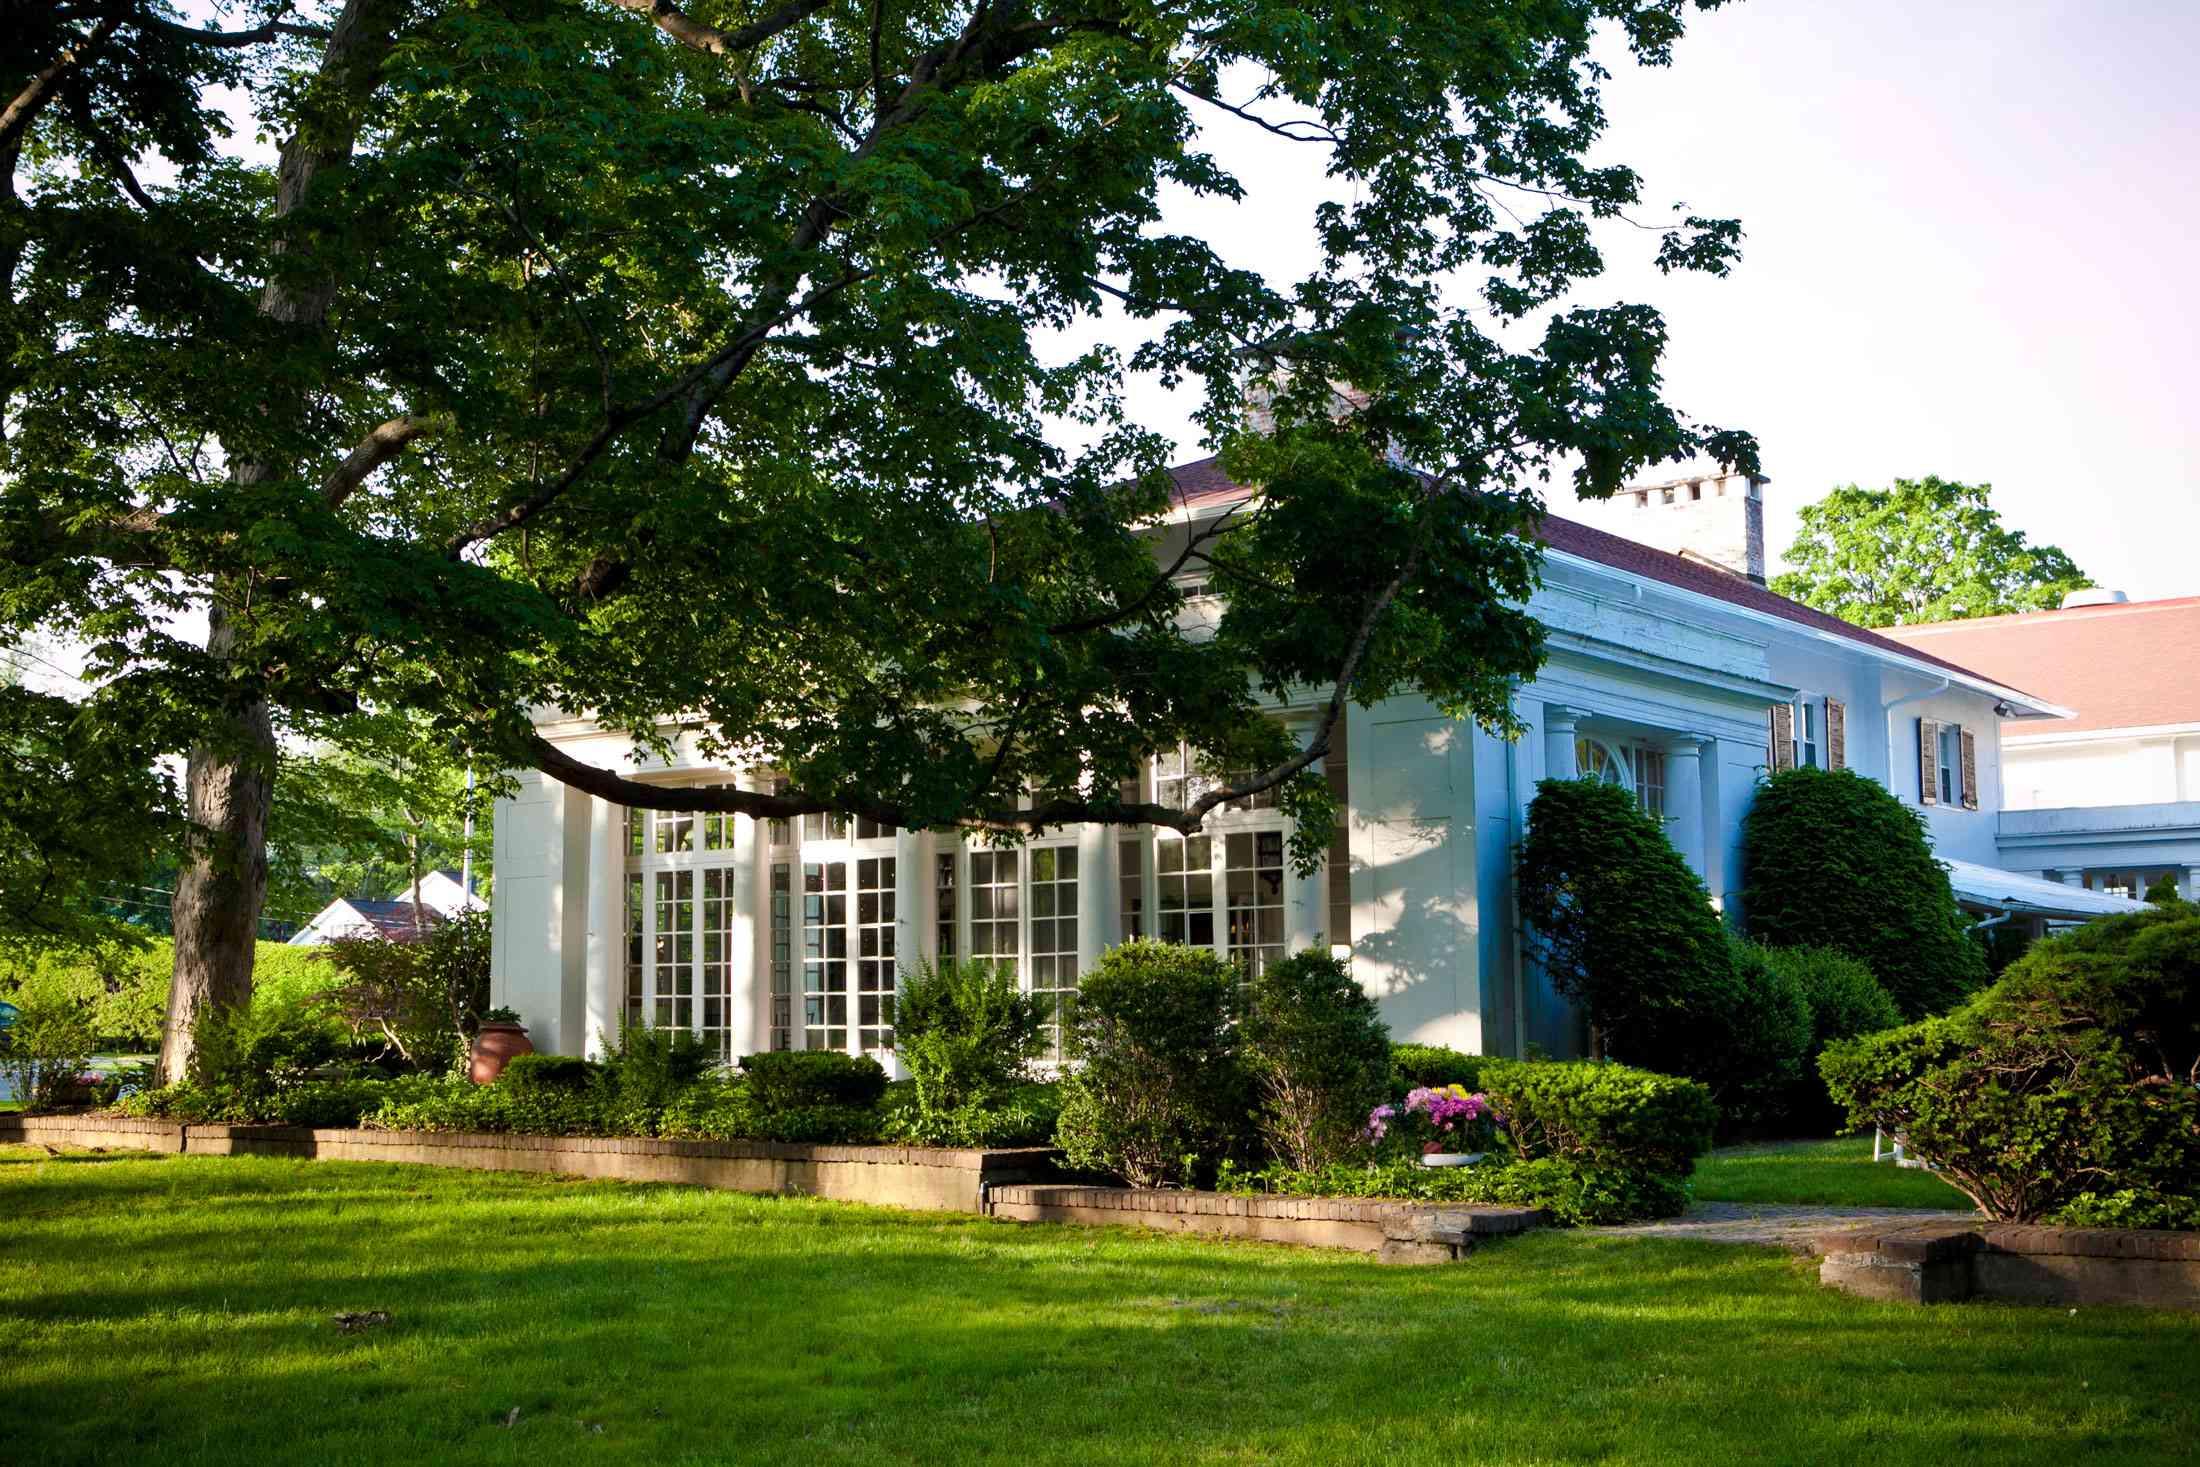 The C.V. Rich Mansion